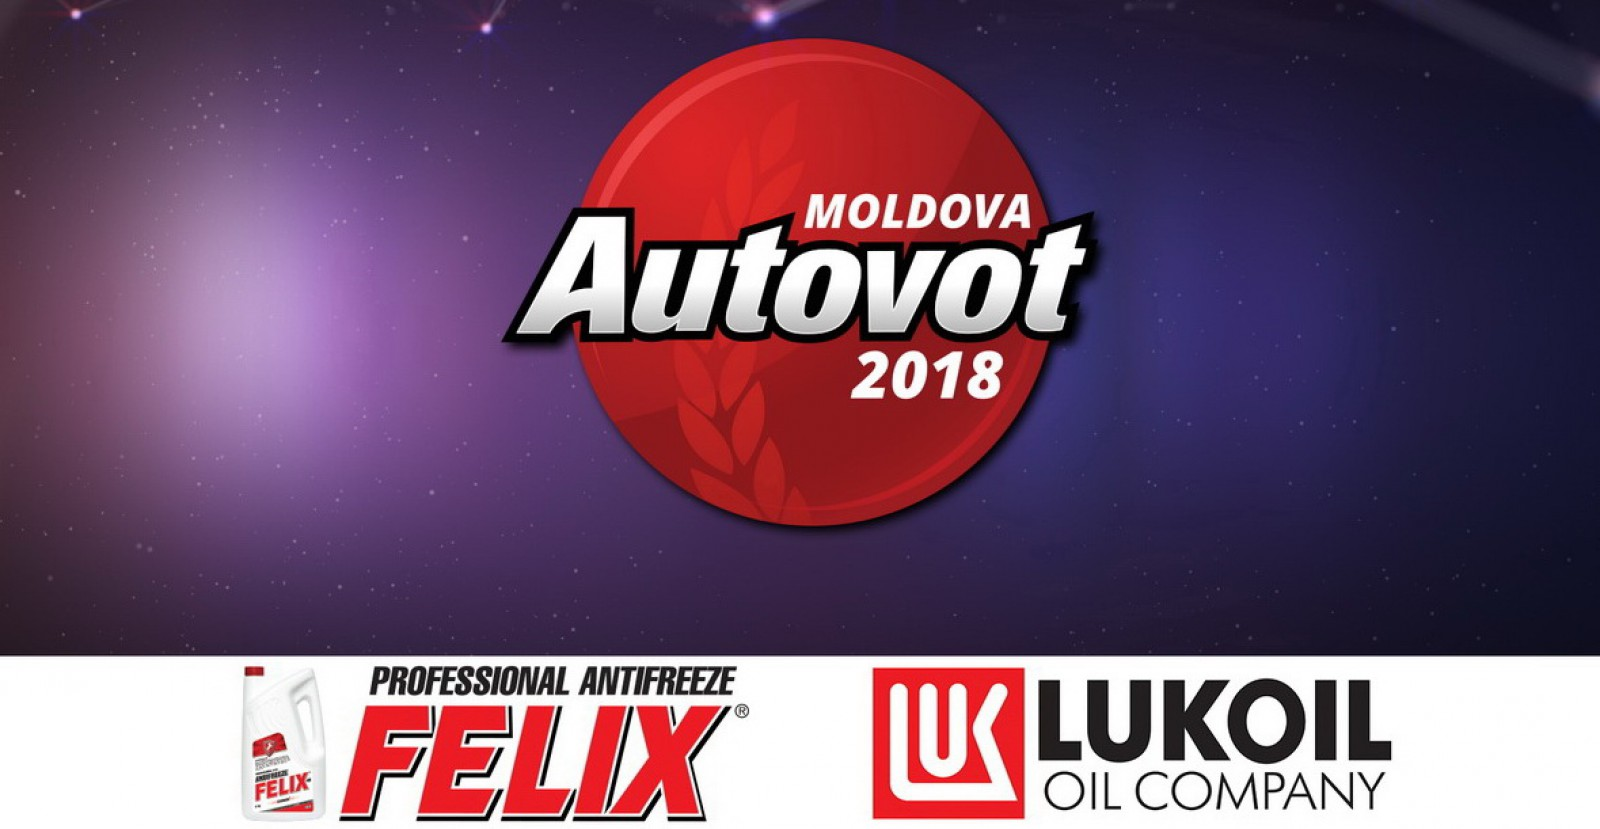 AUTOVOT MOLDOVA 2018, la final! A fost votată cea mai populară maşină accesibilă şi maşină premium